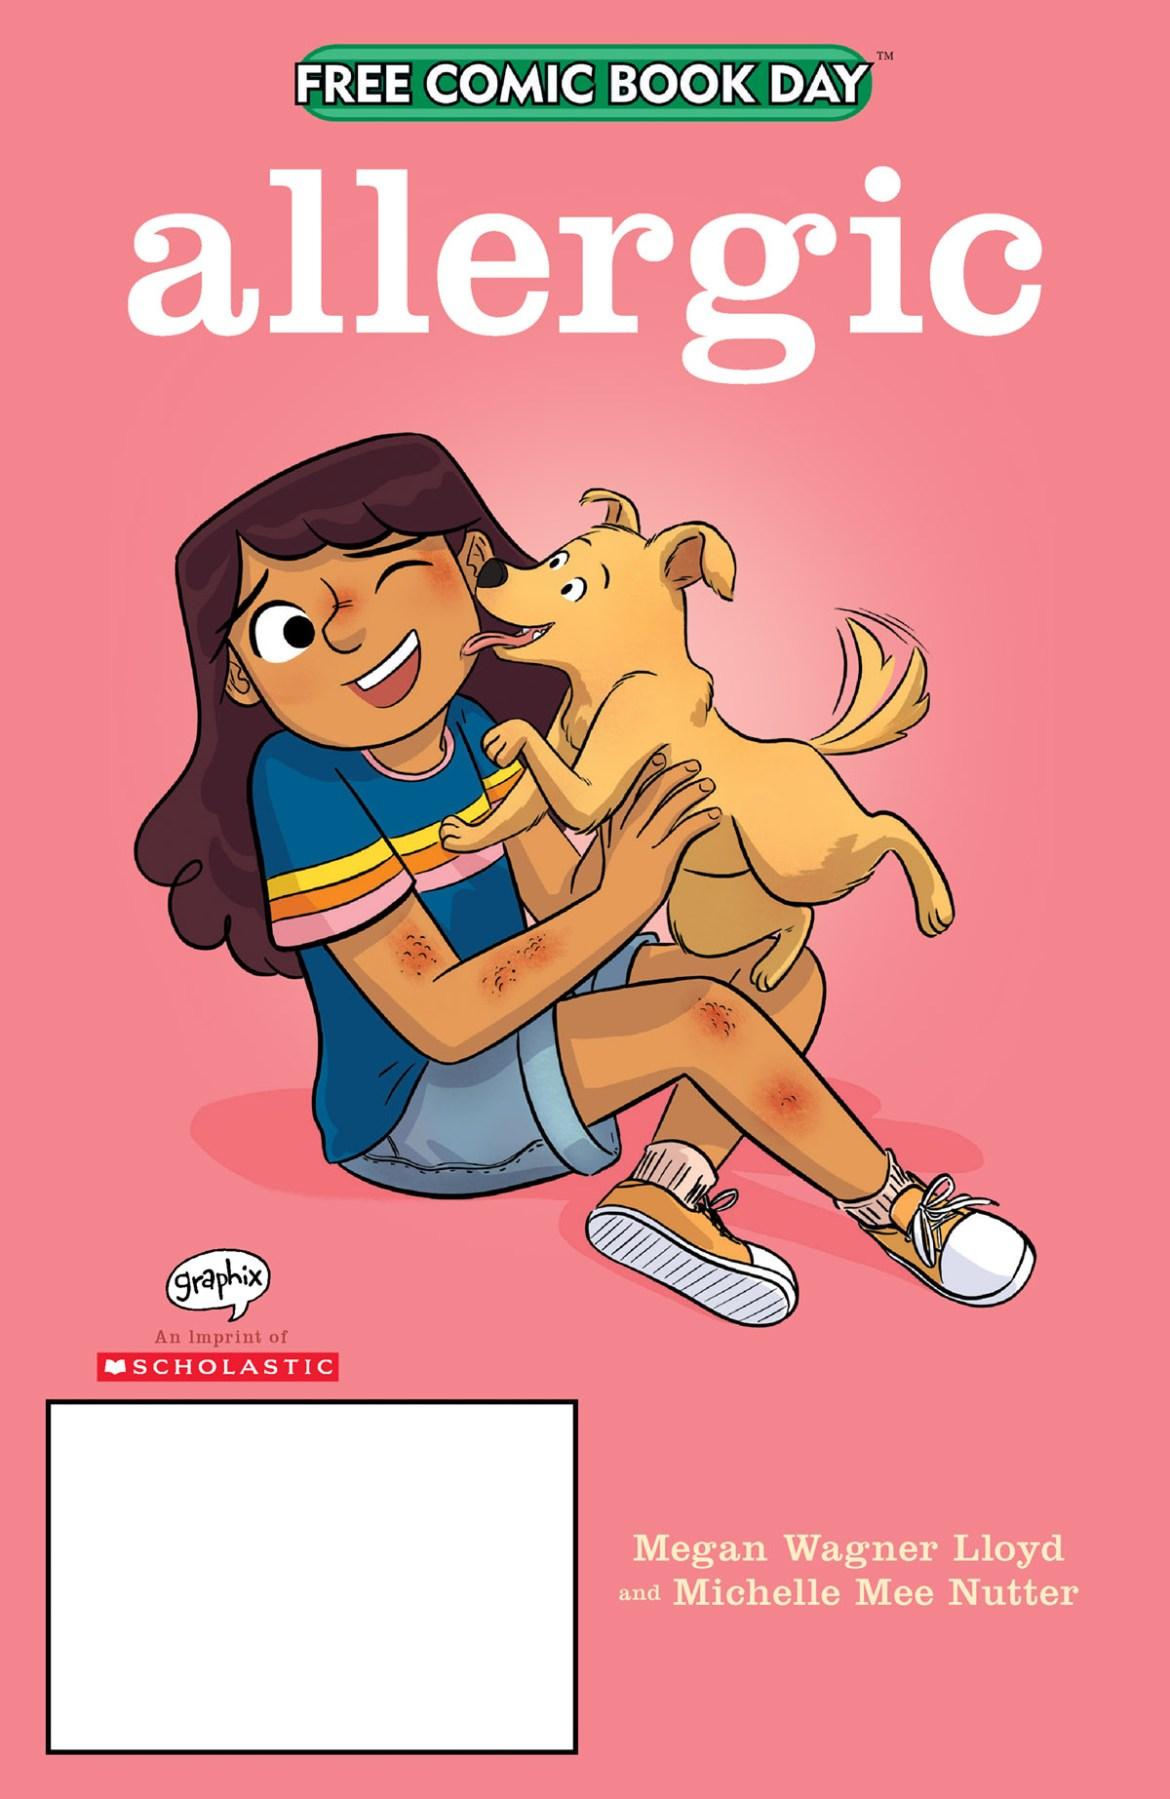 FCBD21_SILVER_Graphix-Scholastic_Allergic Complete Free Comic Book Day 2021 comic book line-up announced